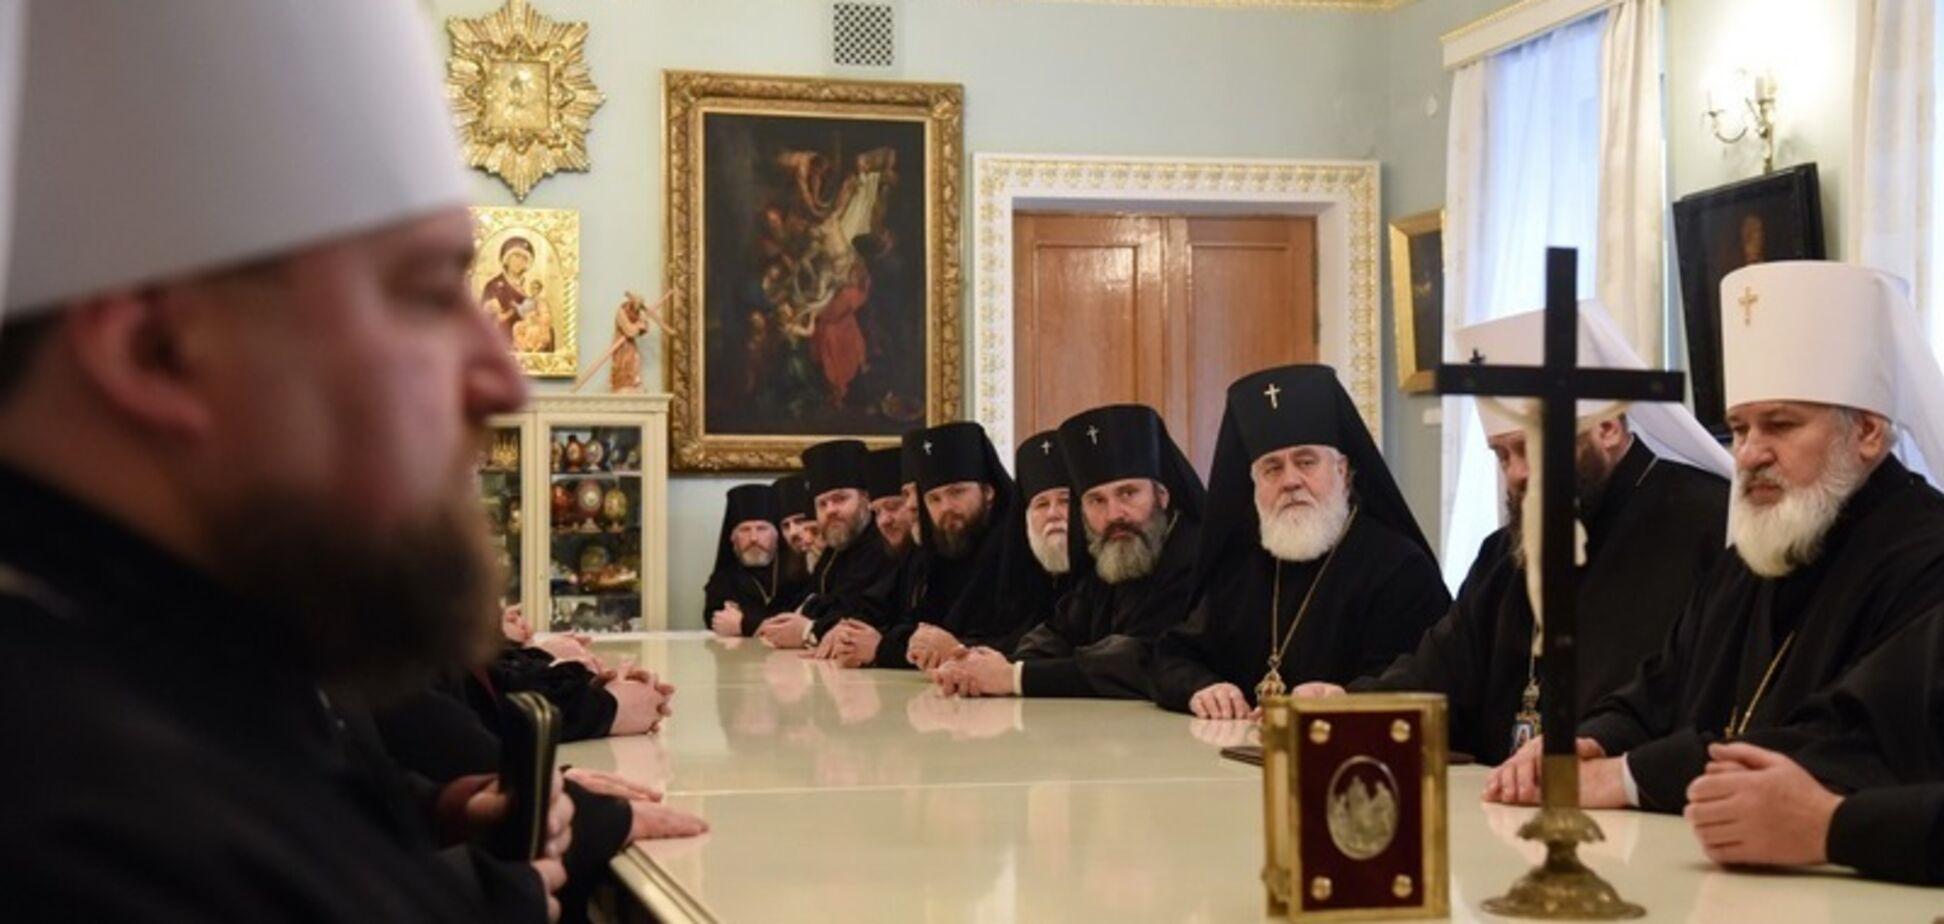 Не Филарет! В УПЦ КП выбрали кандидата на пост предстоятеля единой церкви